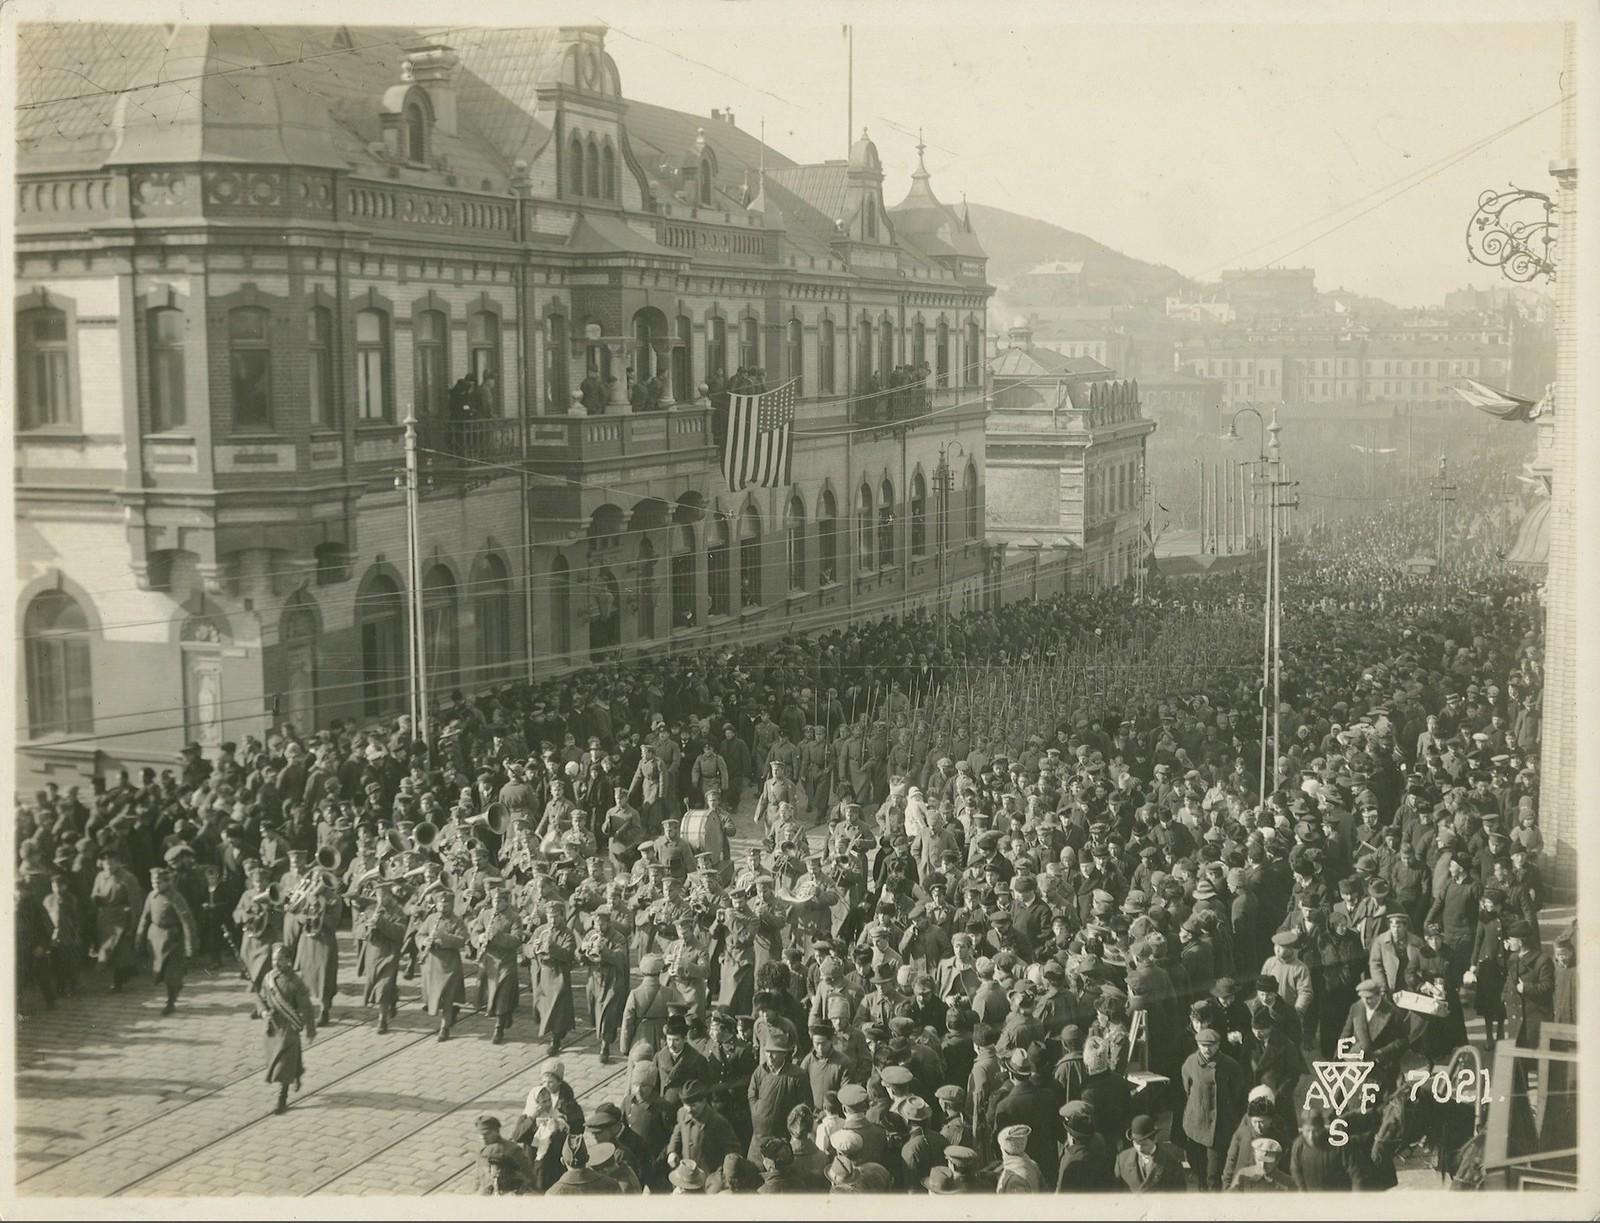 17. 1918. Британию представляли моряки крейсера «Саффолк», пехотинцы 25-го резервного батальона Мидлсекского полка и немного канадцев. 15 ноября